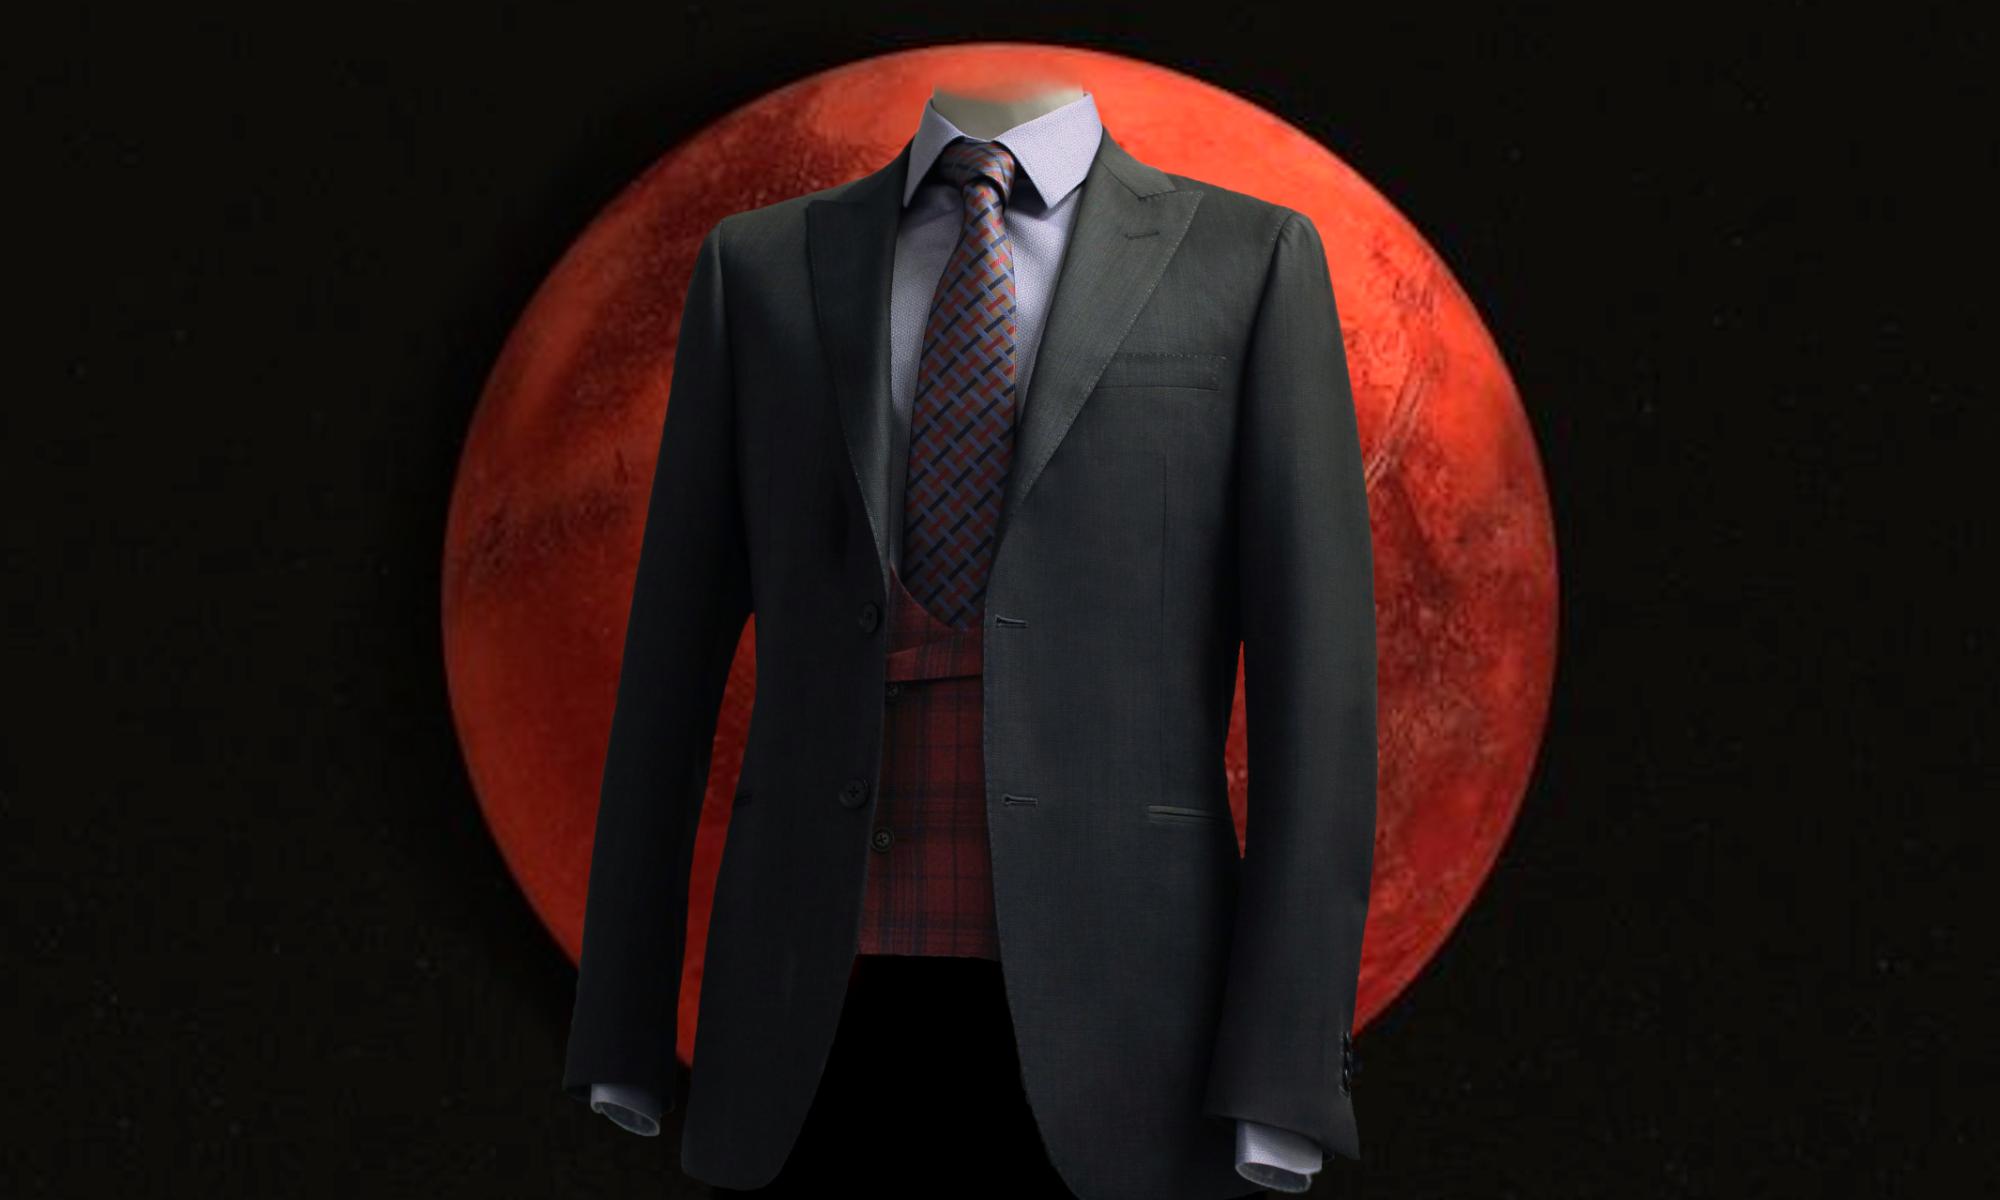 Le tailleur sur Mars